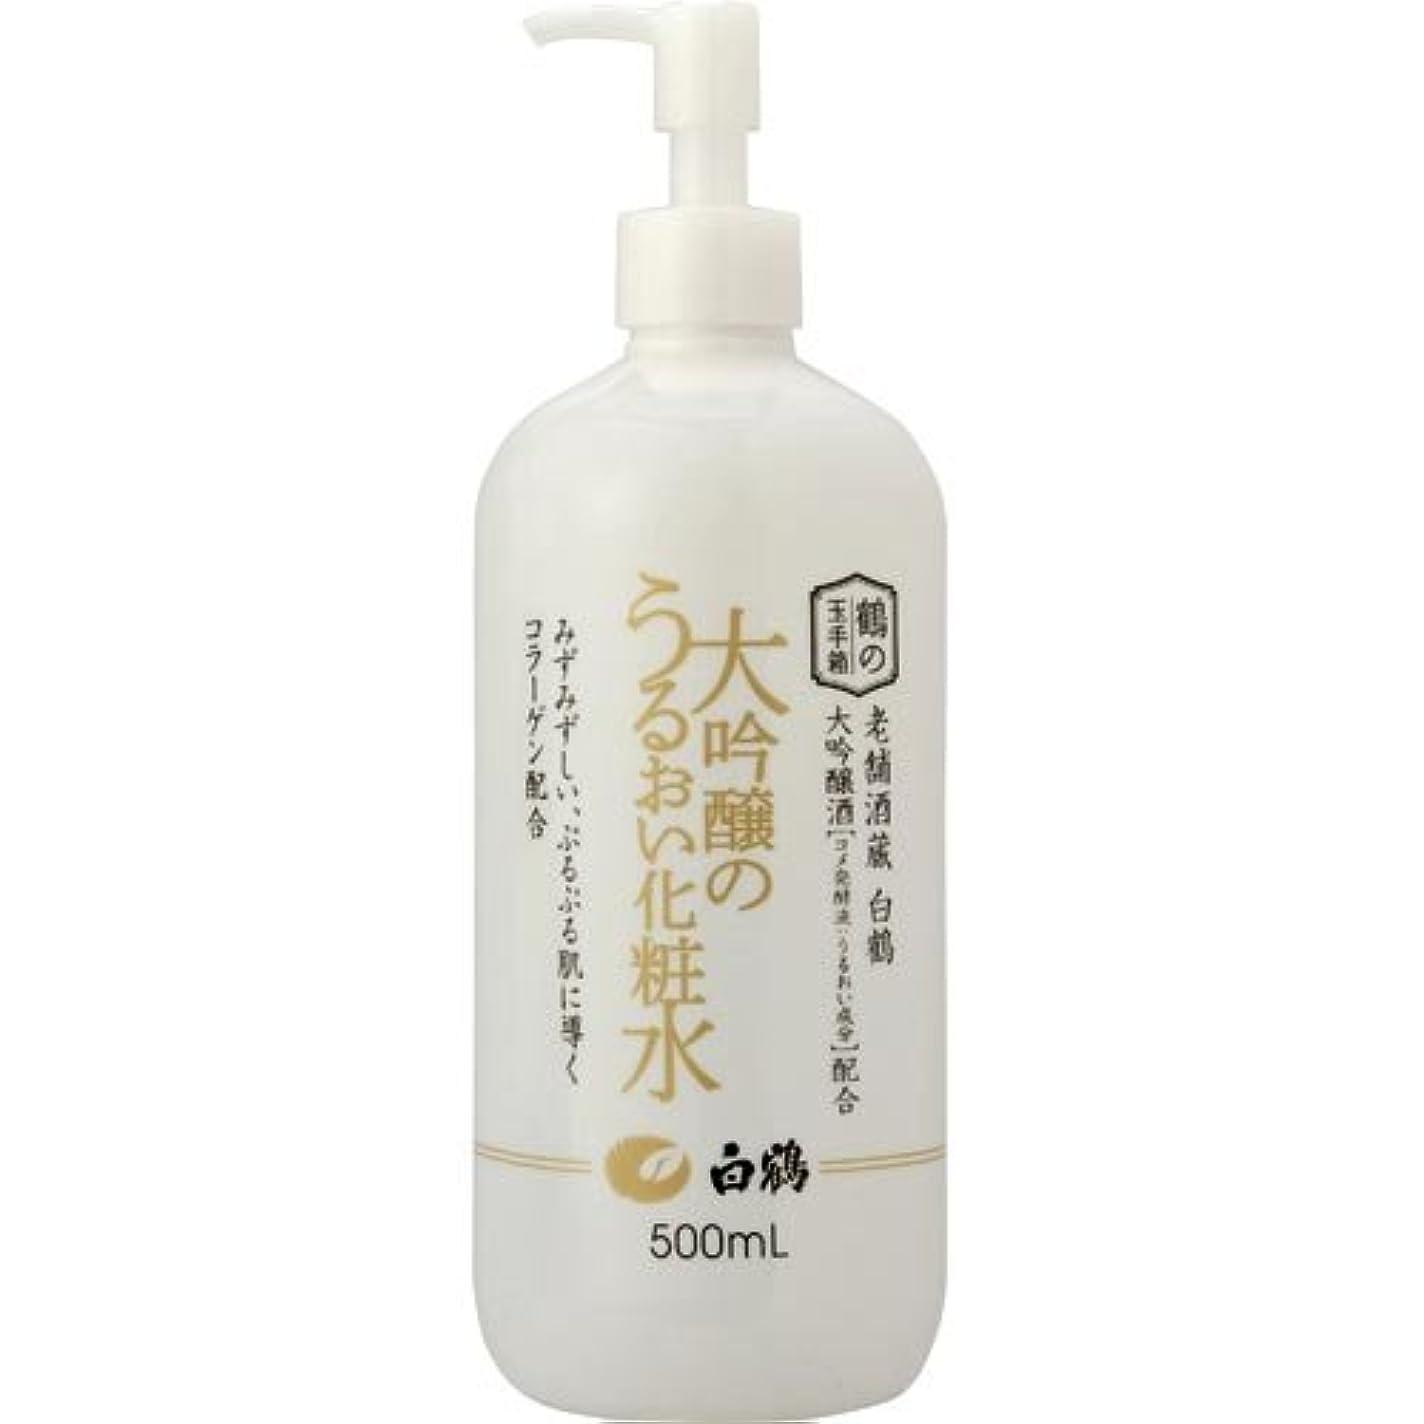 疑わしいびっくりするクラックポット白鶴 鶴の玉手箱 薬用 大吟醸のうるおい化粧水 500ml